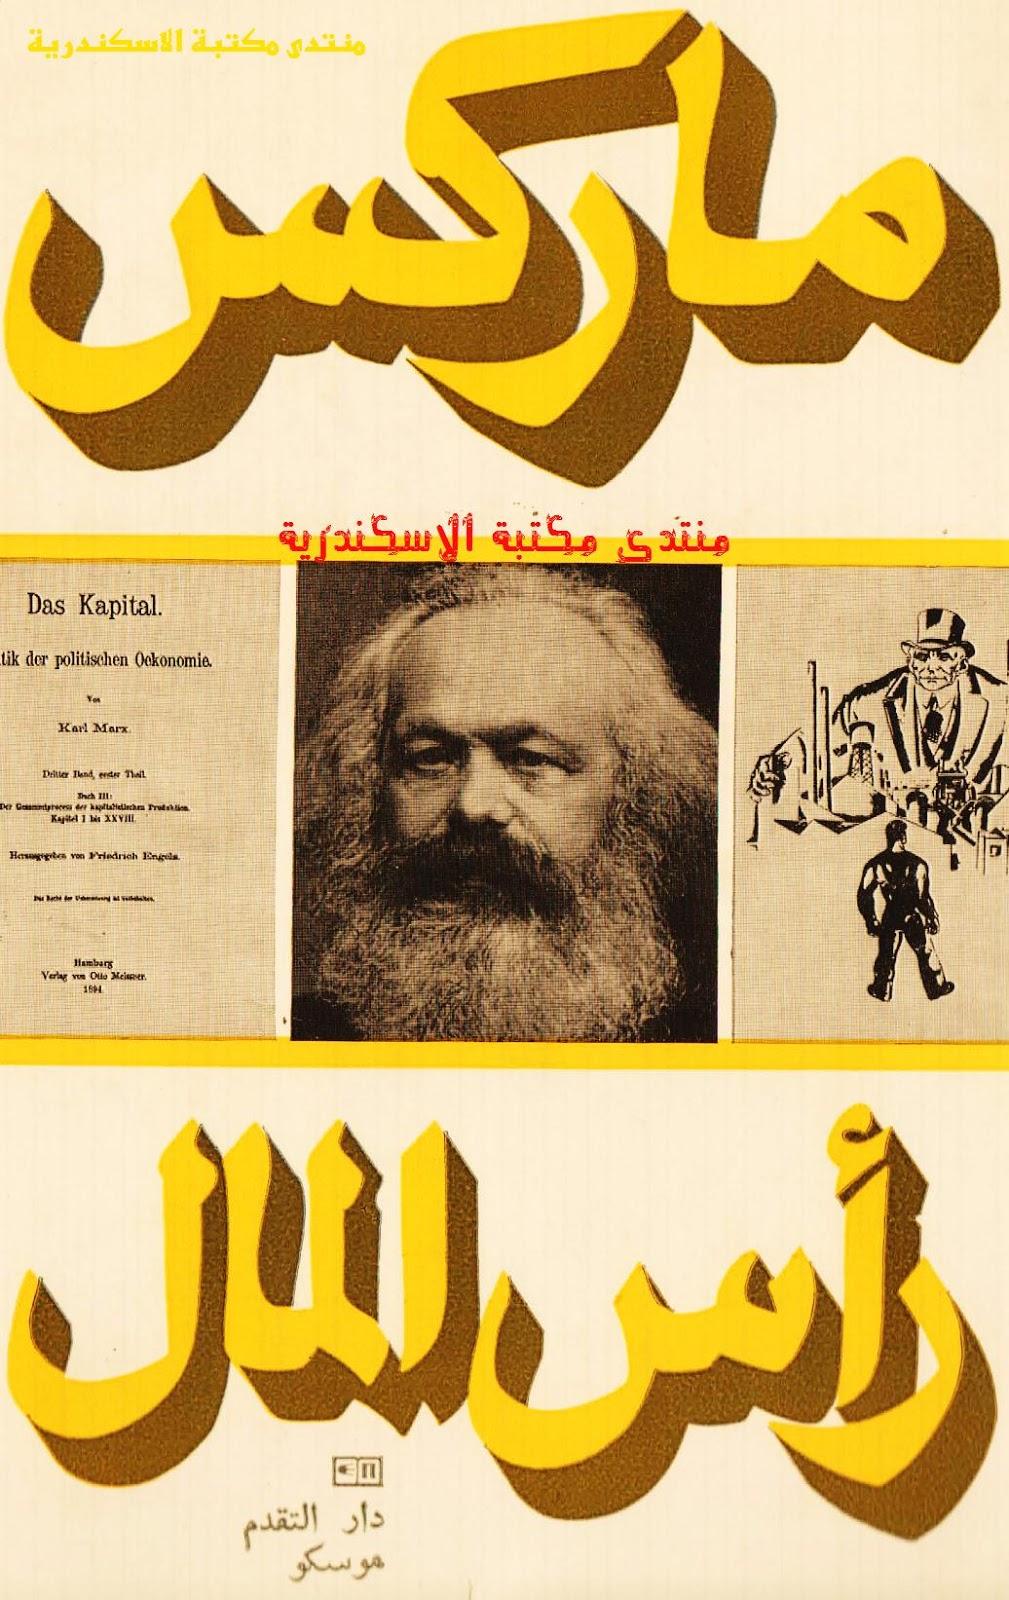 fe671 d8a7d984d8b5d981d8add8a7d8aad985d986d8b1d8a3d8b3d8a7d984d985d8a7d984 d983d8a7d8b1d984d985d8a7d8b1d983d8b3 - تحميل كتاب رأس المال نقد الإقتصاد السياسي pdf لـ كارل ماركس